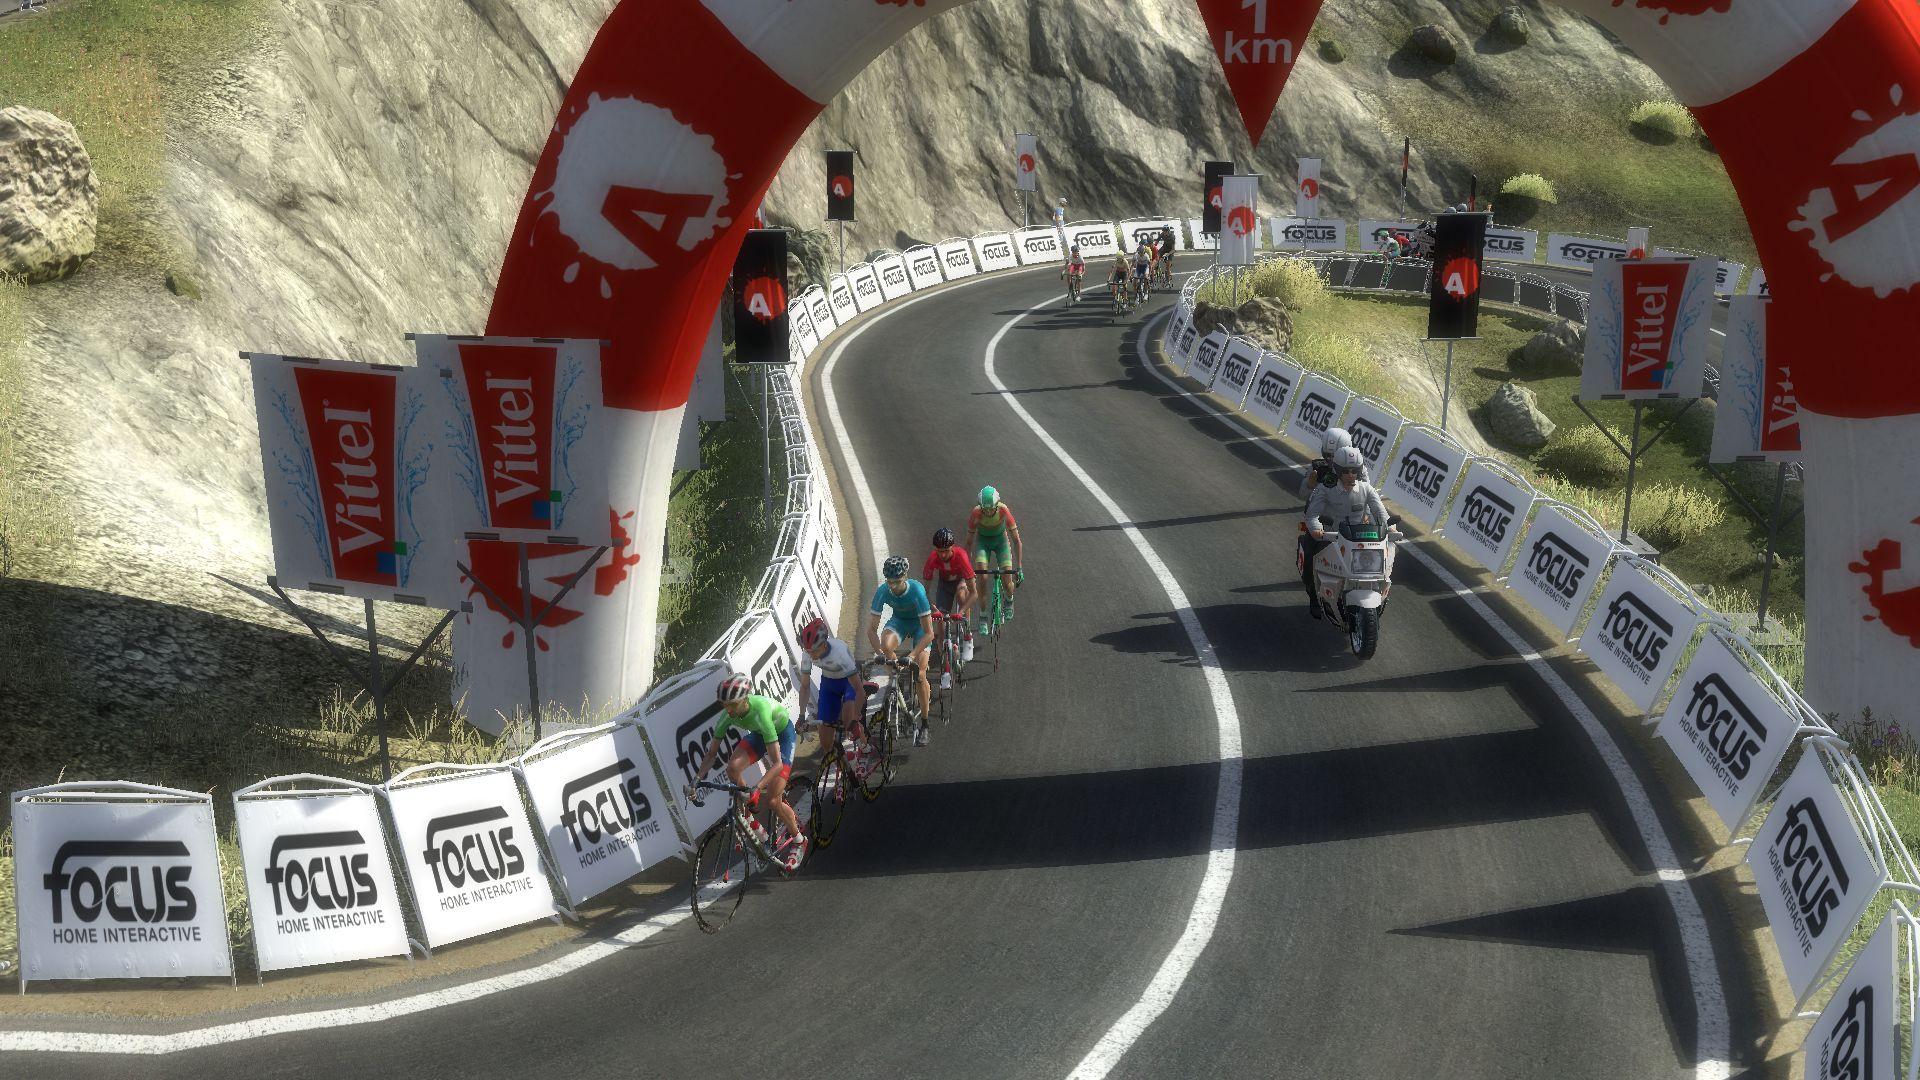 pcmdaily.com/images/mg/2020/Reports/C1/Andorra/TdAS5%2027.jpg